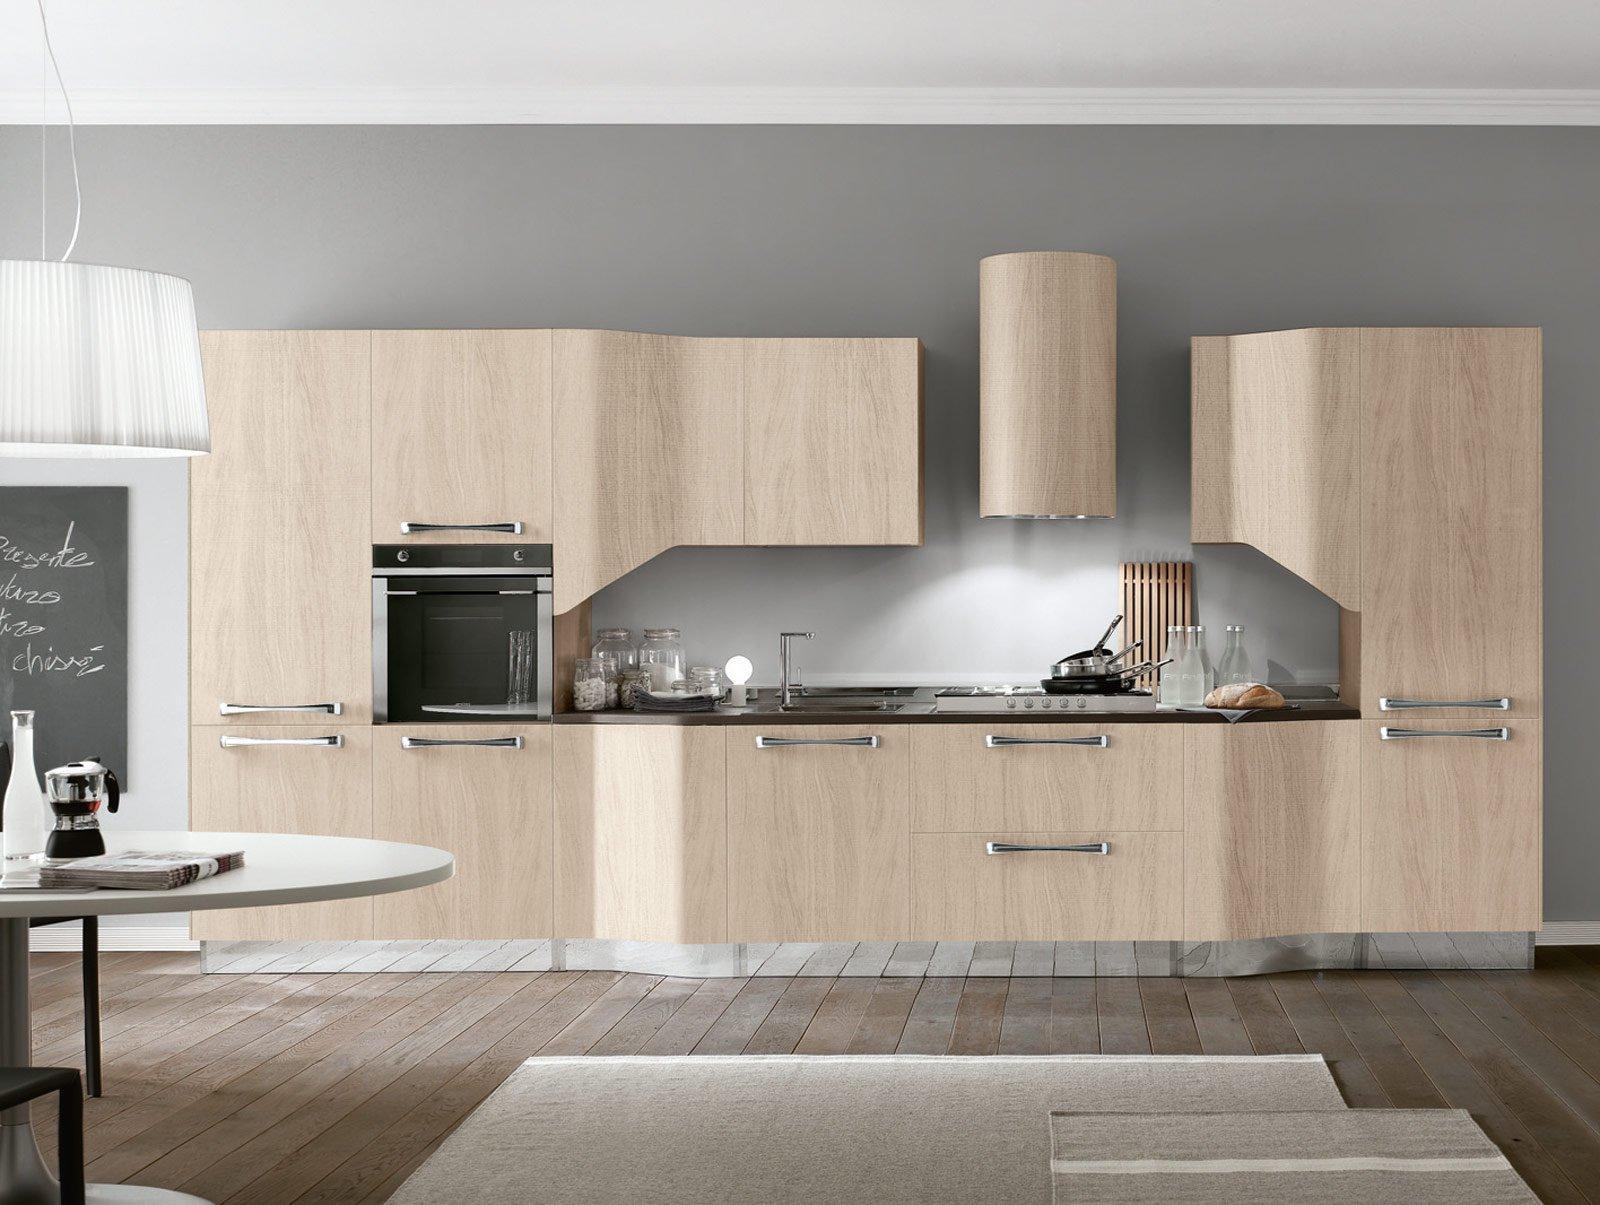 Cucine effetto legno per un ambiente caldo ed elegante - Cucina laminato effetto legno ...